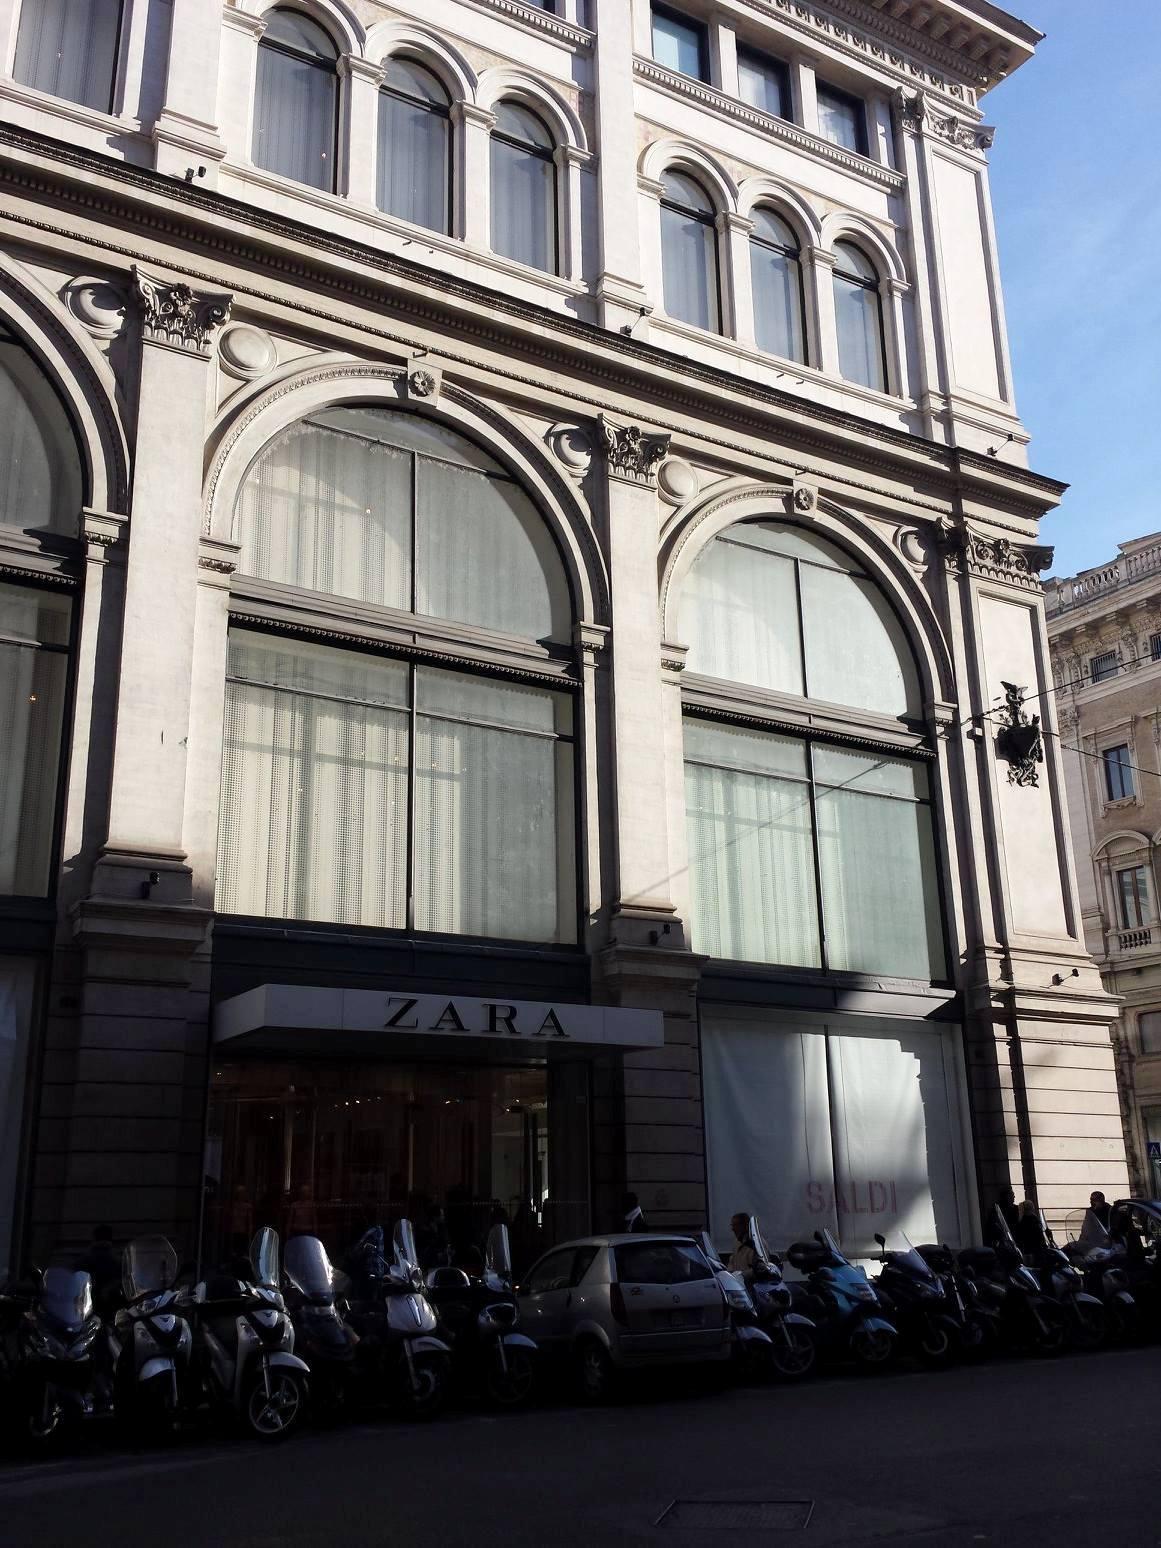 Onde comprar coisas baratas em Roma  baceb27b31c8